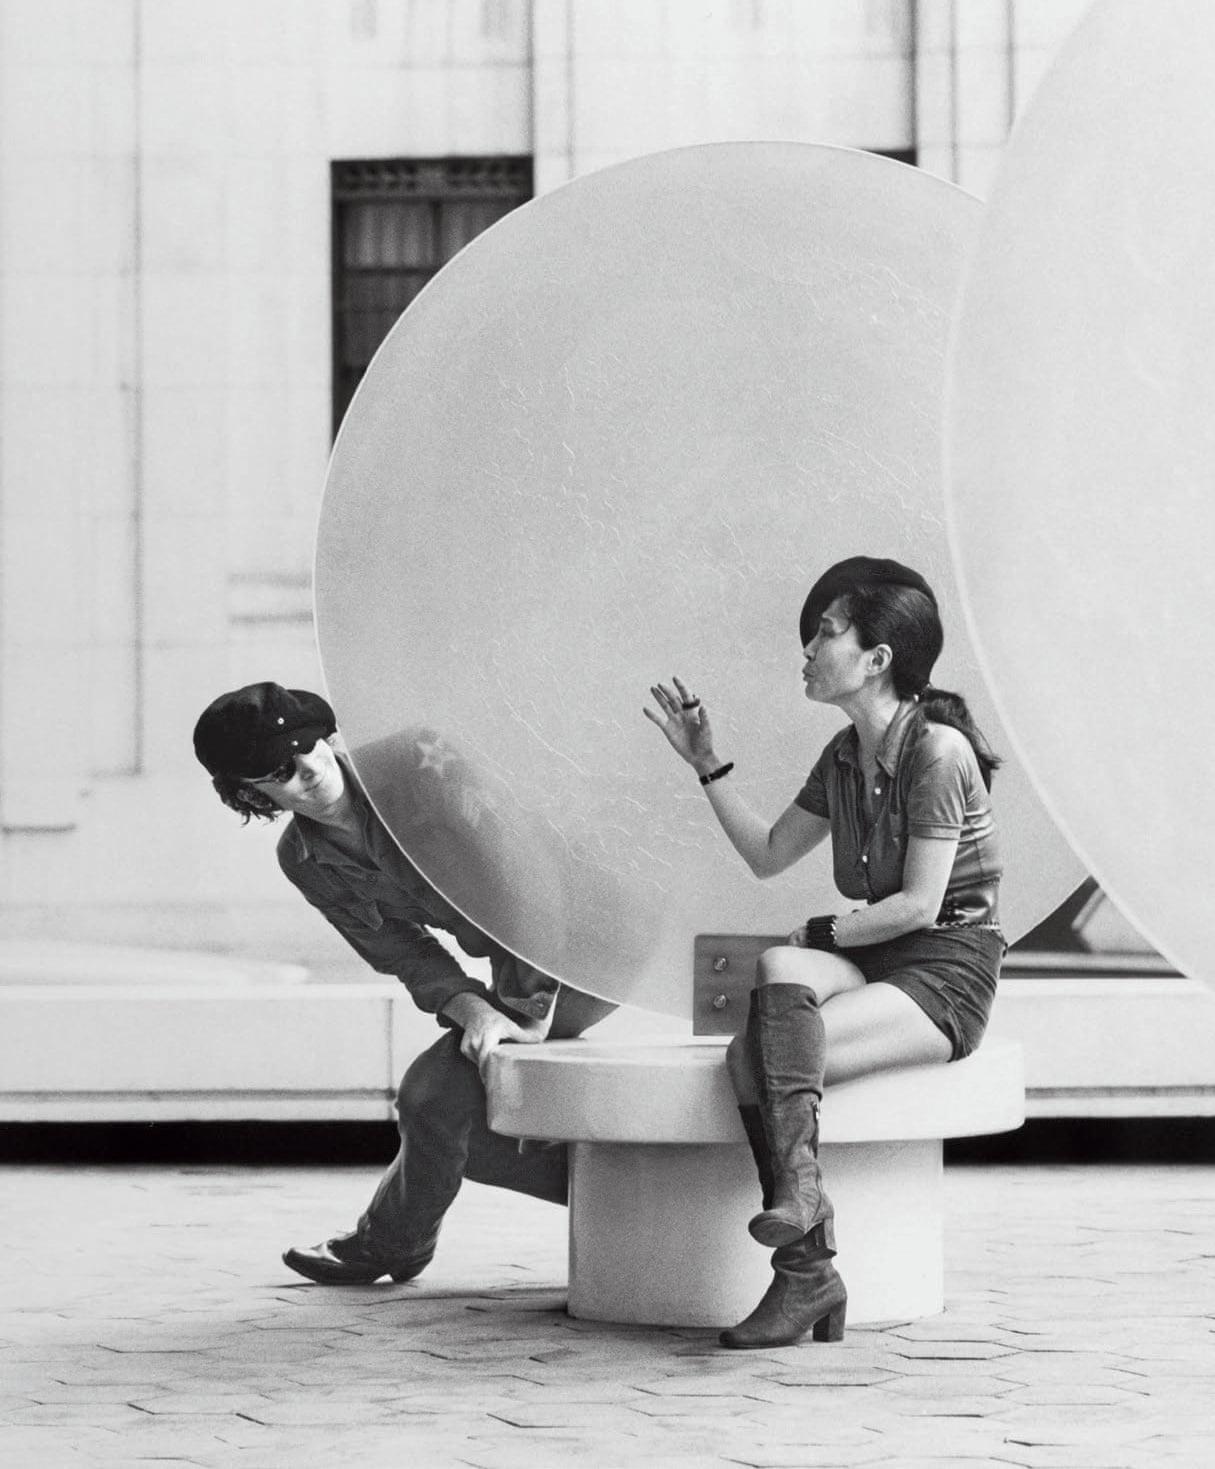 John Lennon and Yoko Ono shooting the film Imagine in New York, September 1971.